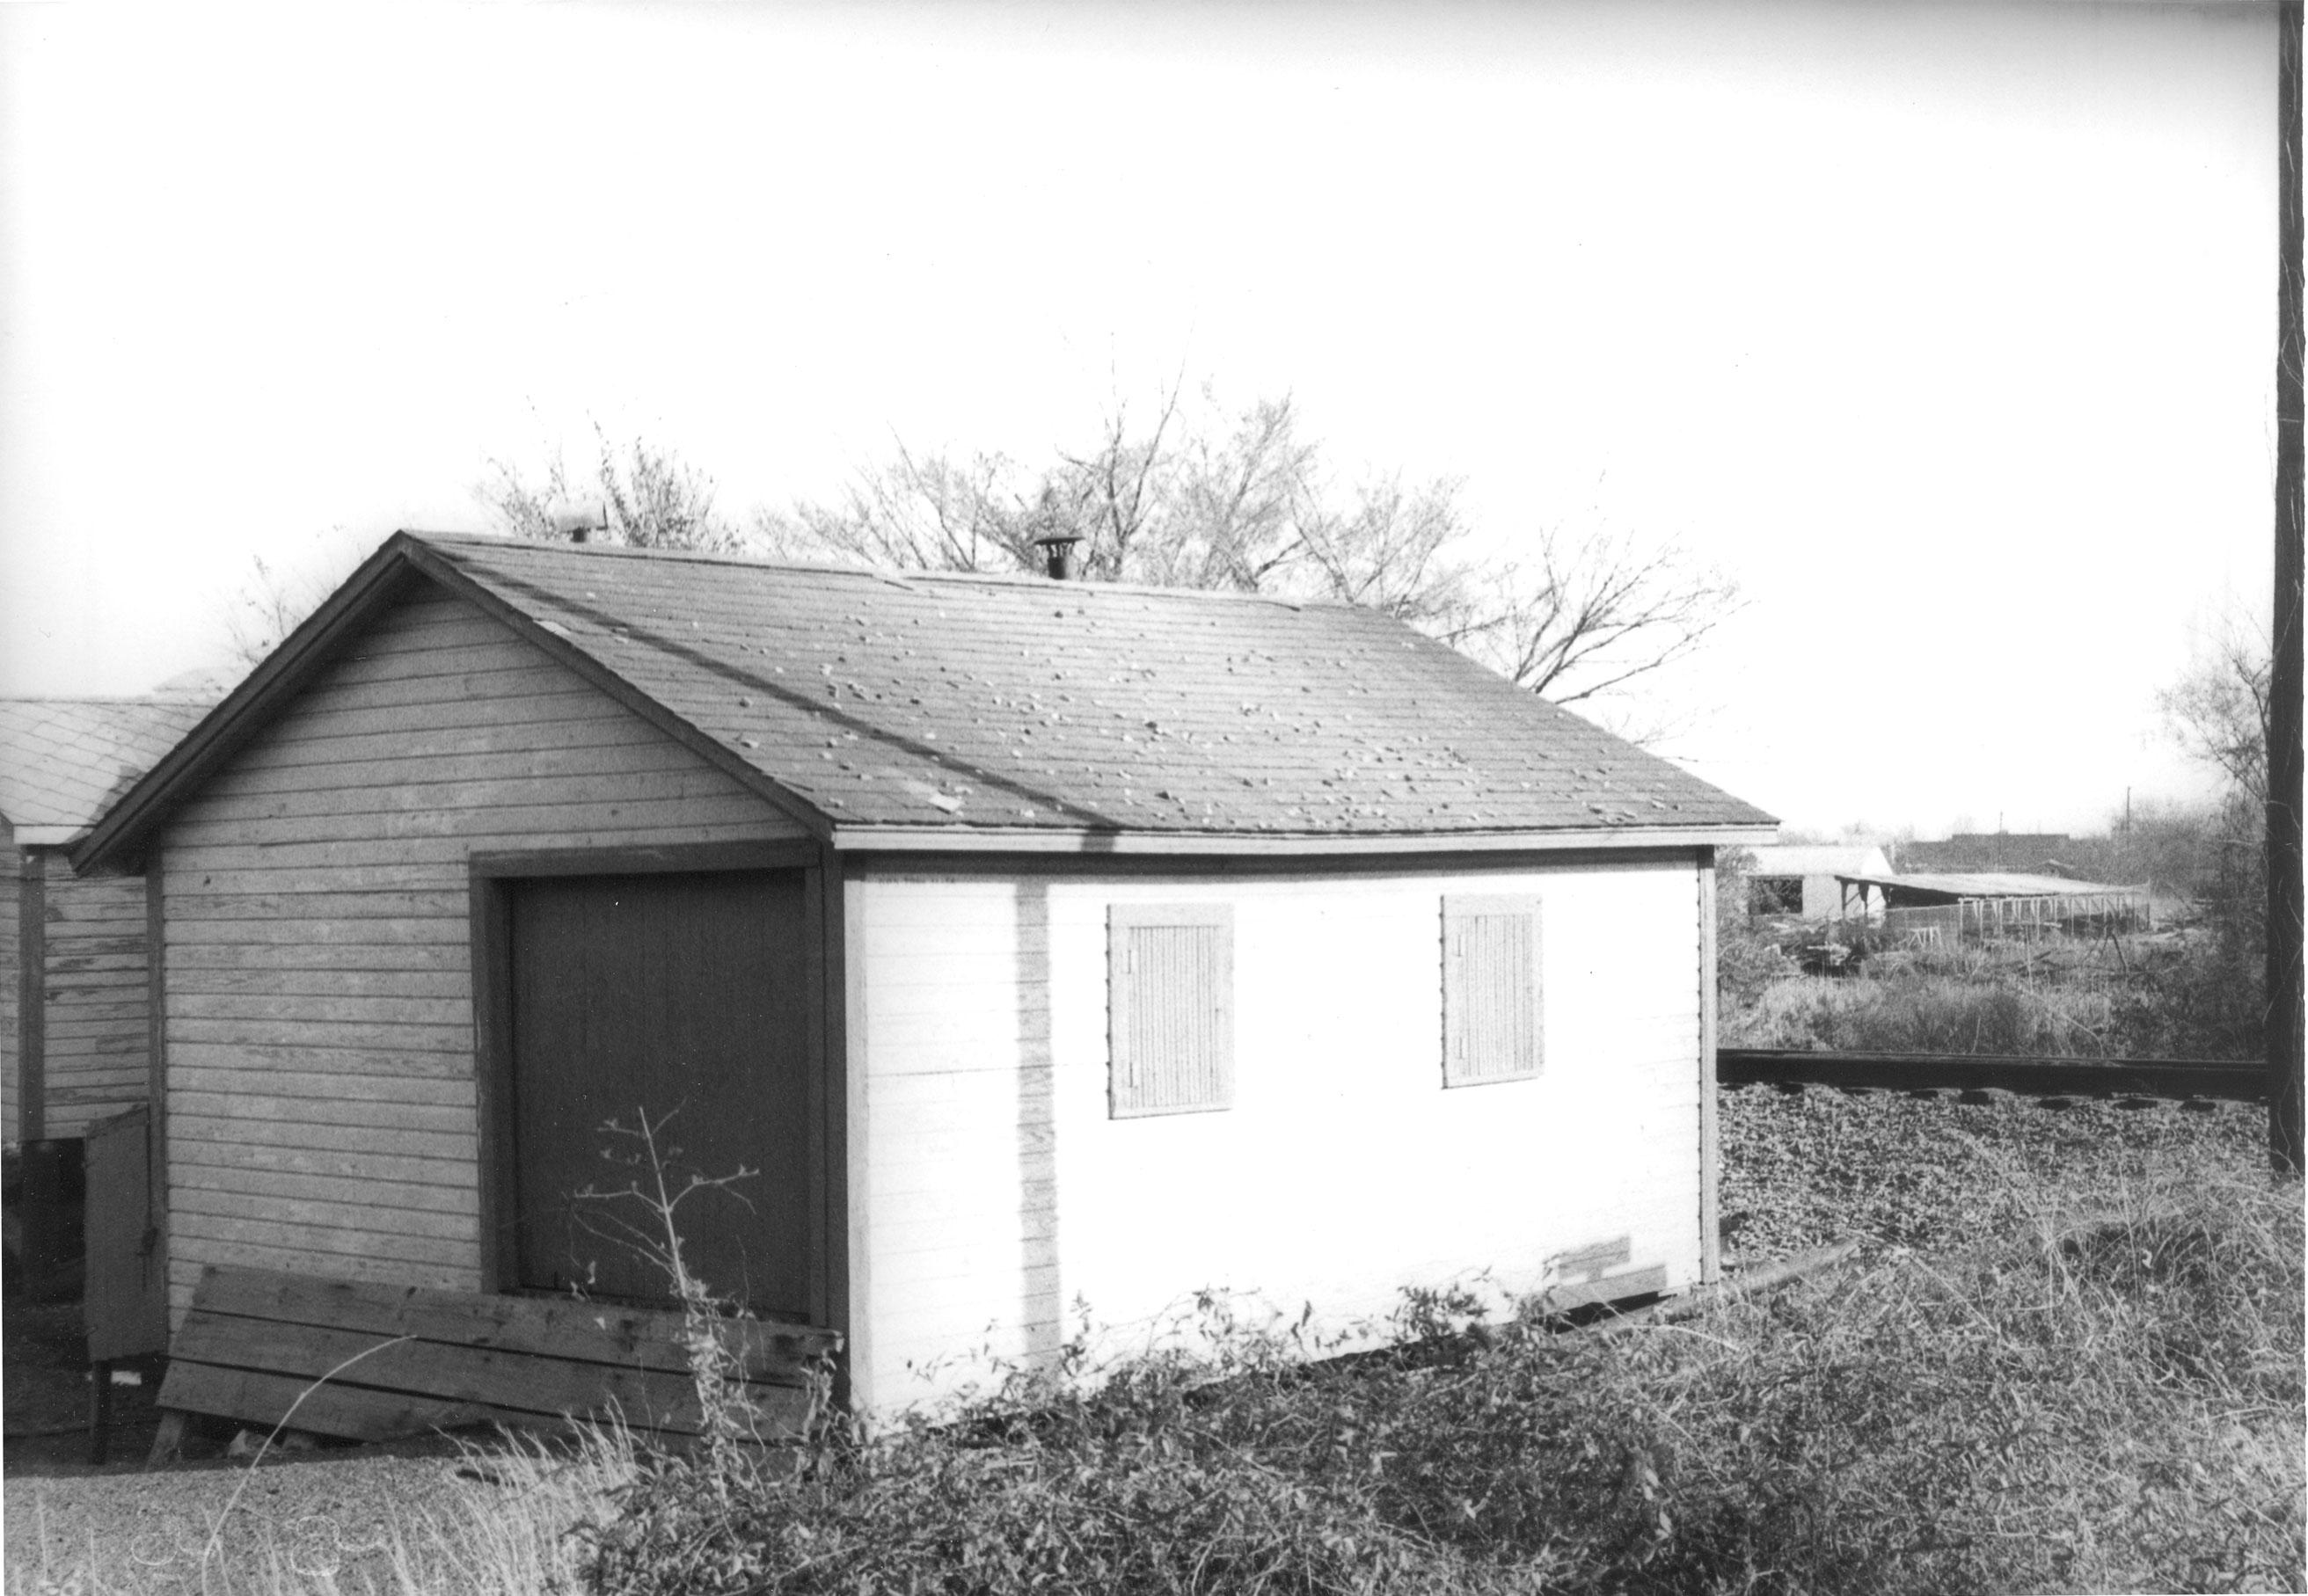 I-26 Photo 0407